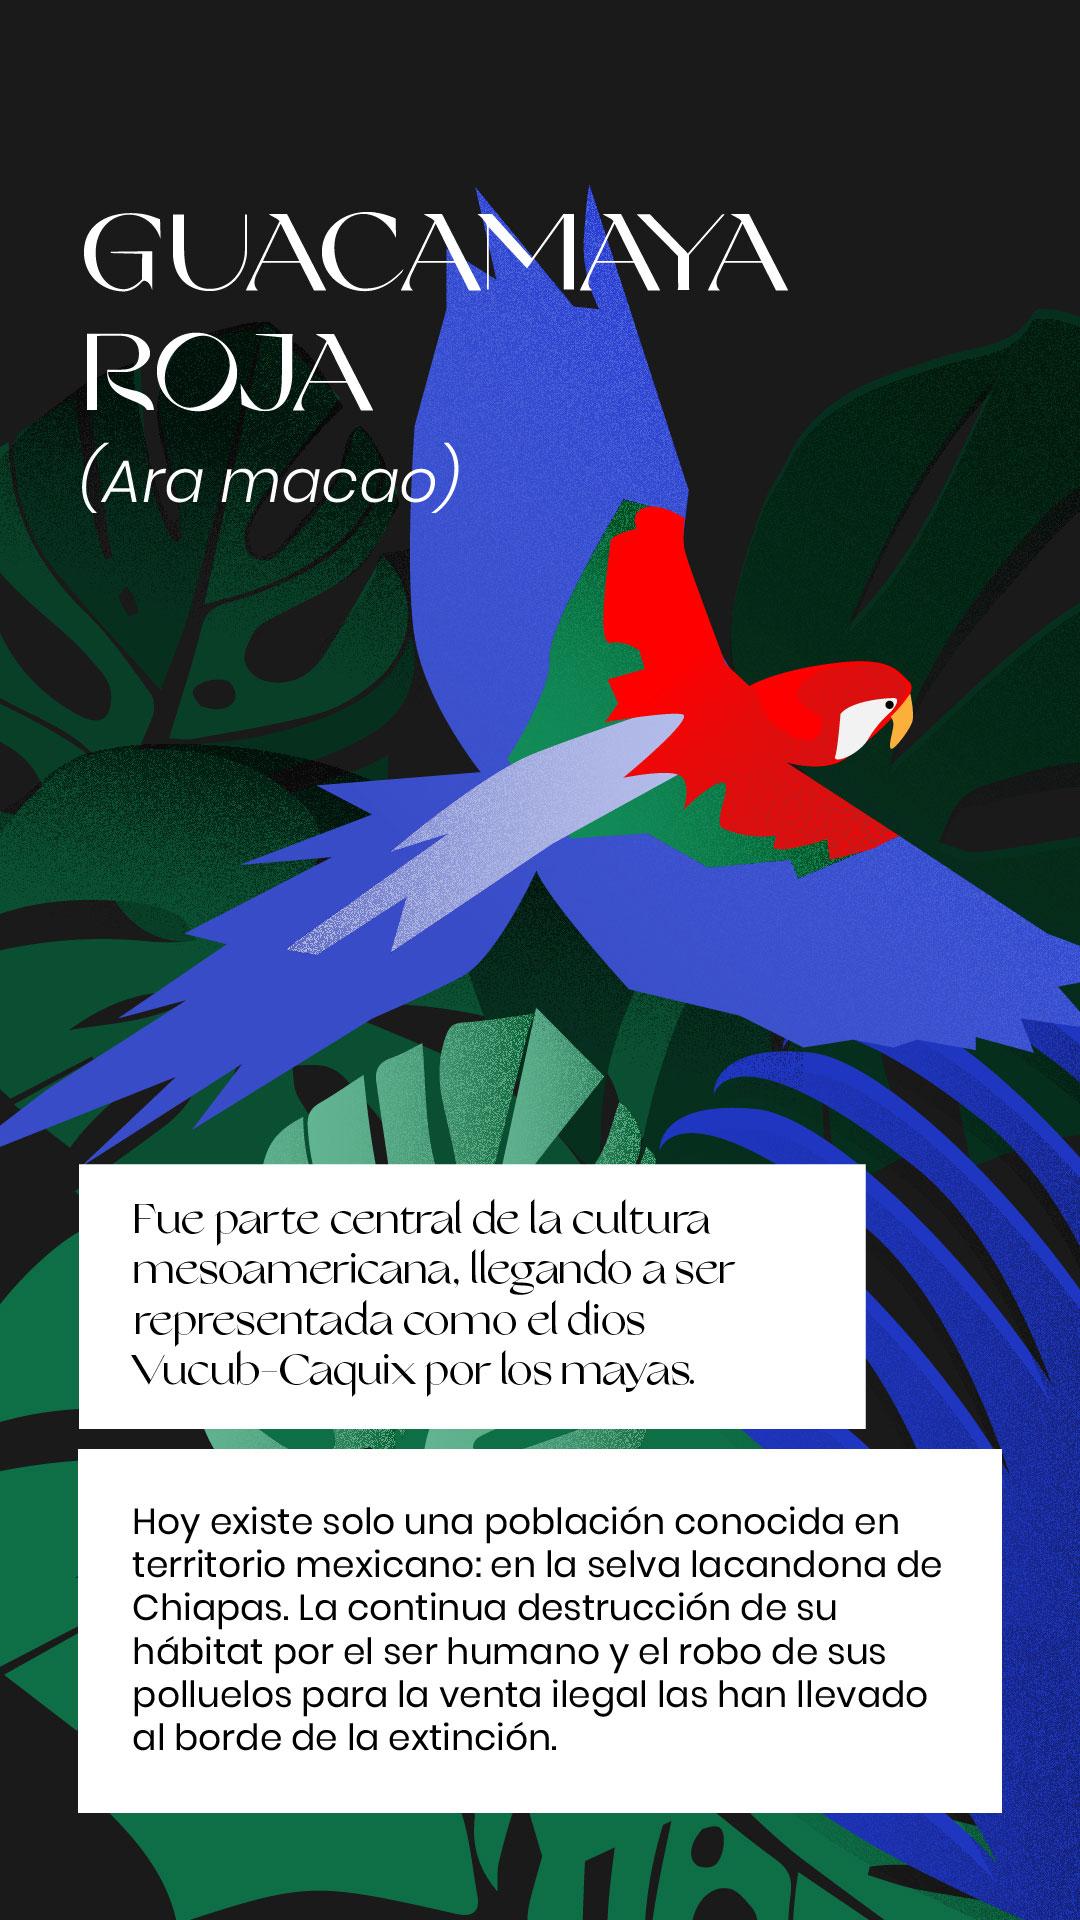 Guacamaya extinción